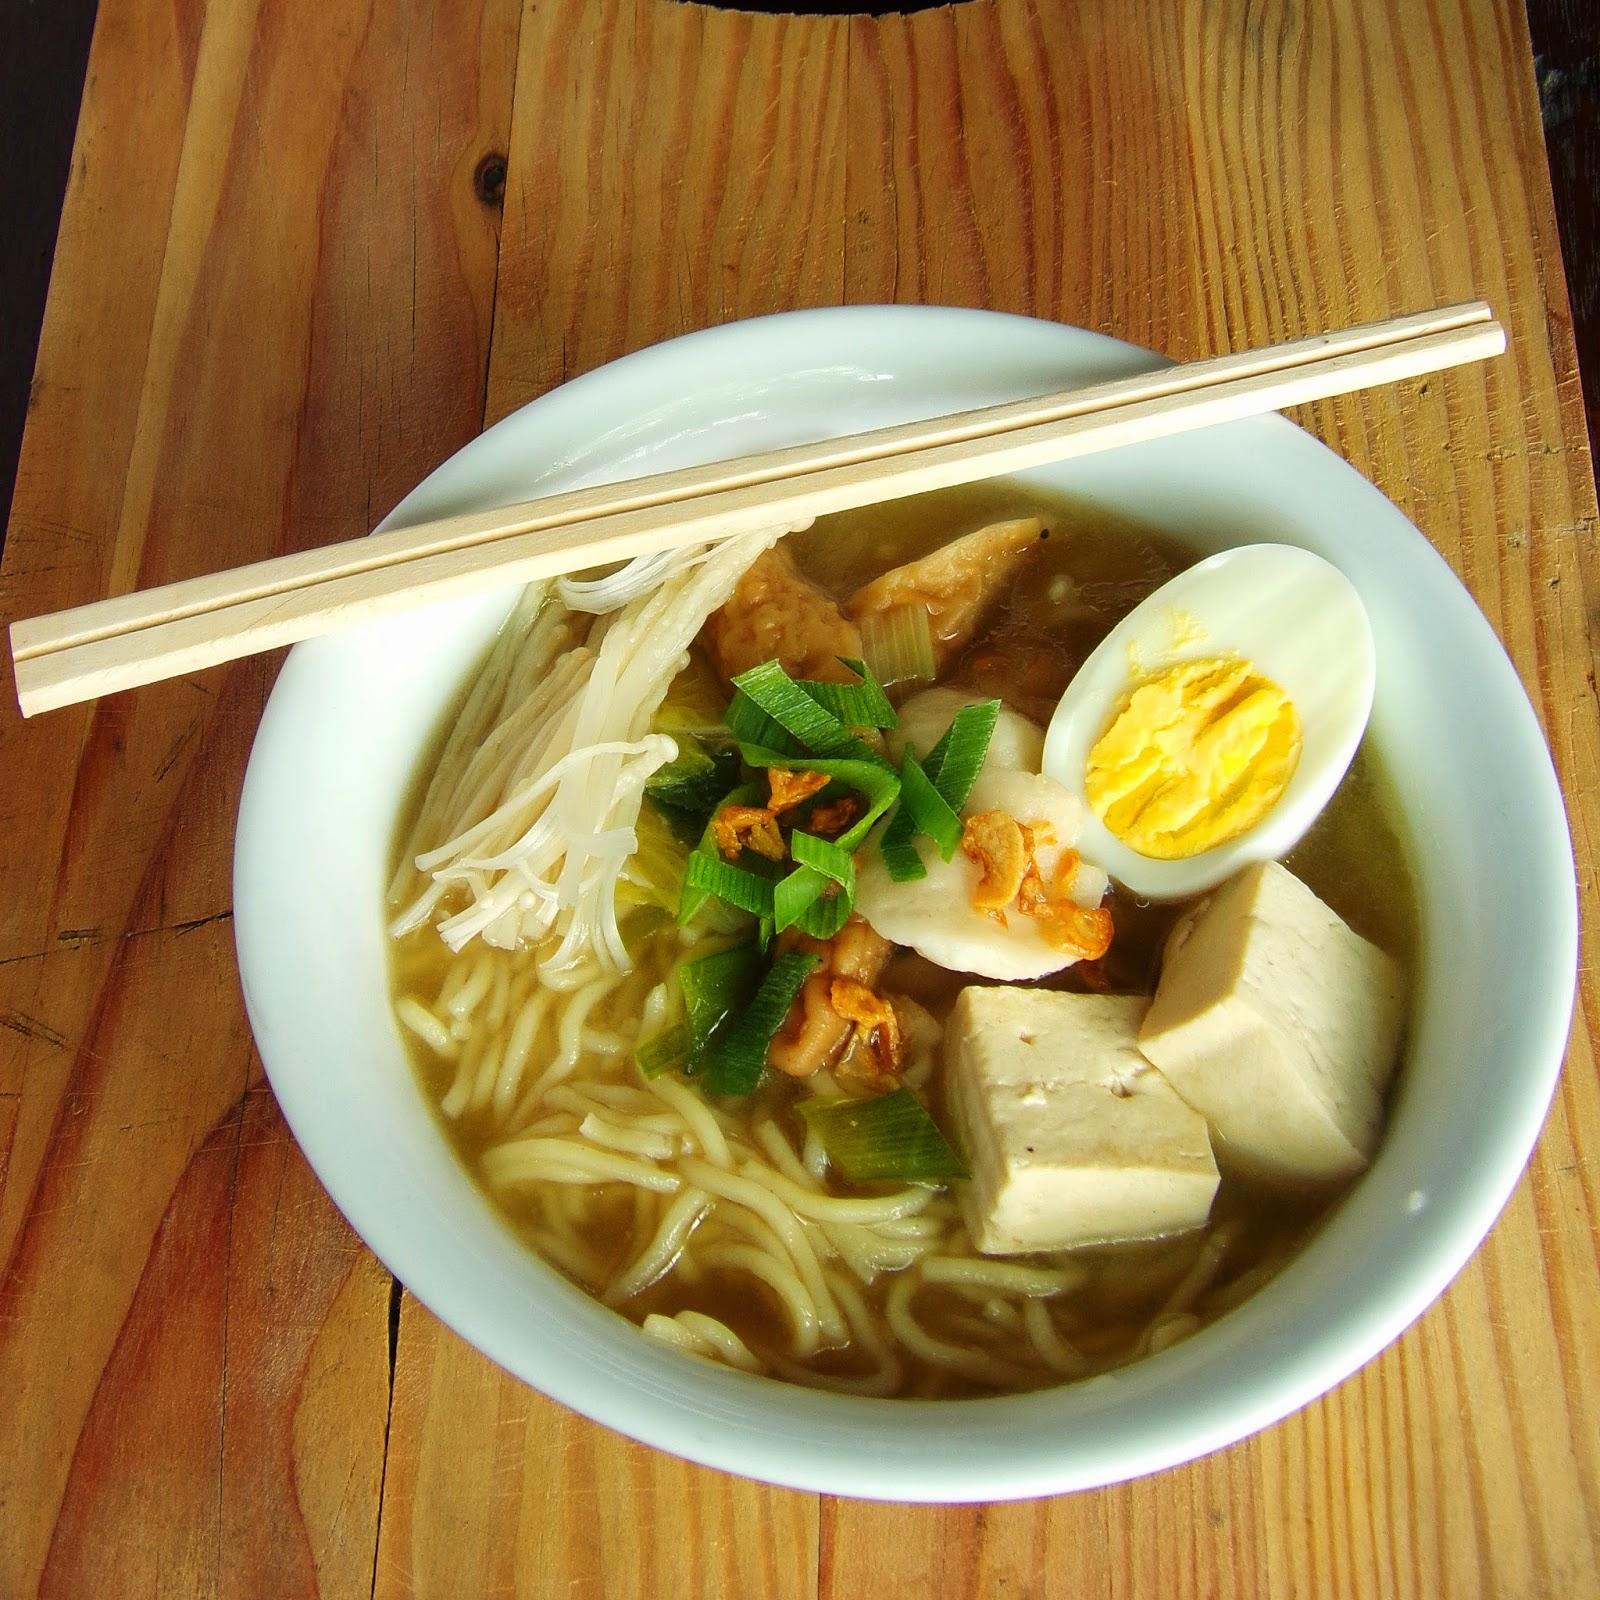 squid ball noodle soup, simple soup recipes, noodle recipes, soups recipes, chinese noodle soup, easy soup recipes